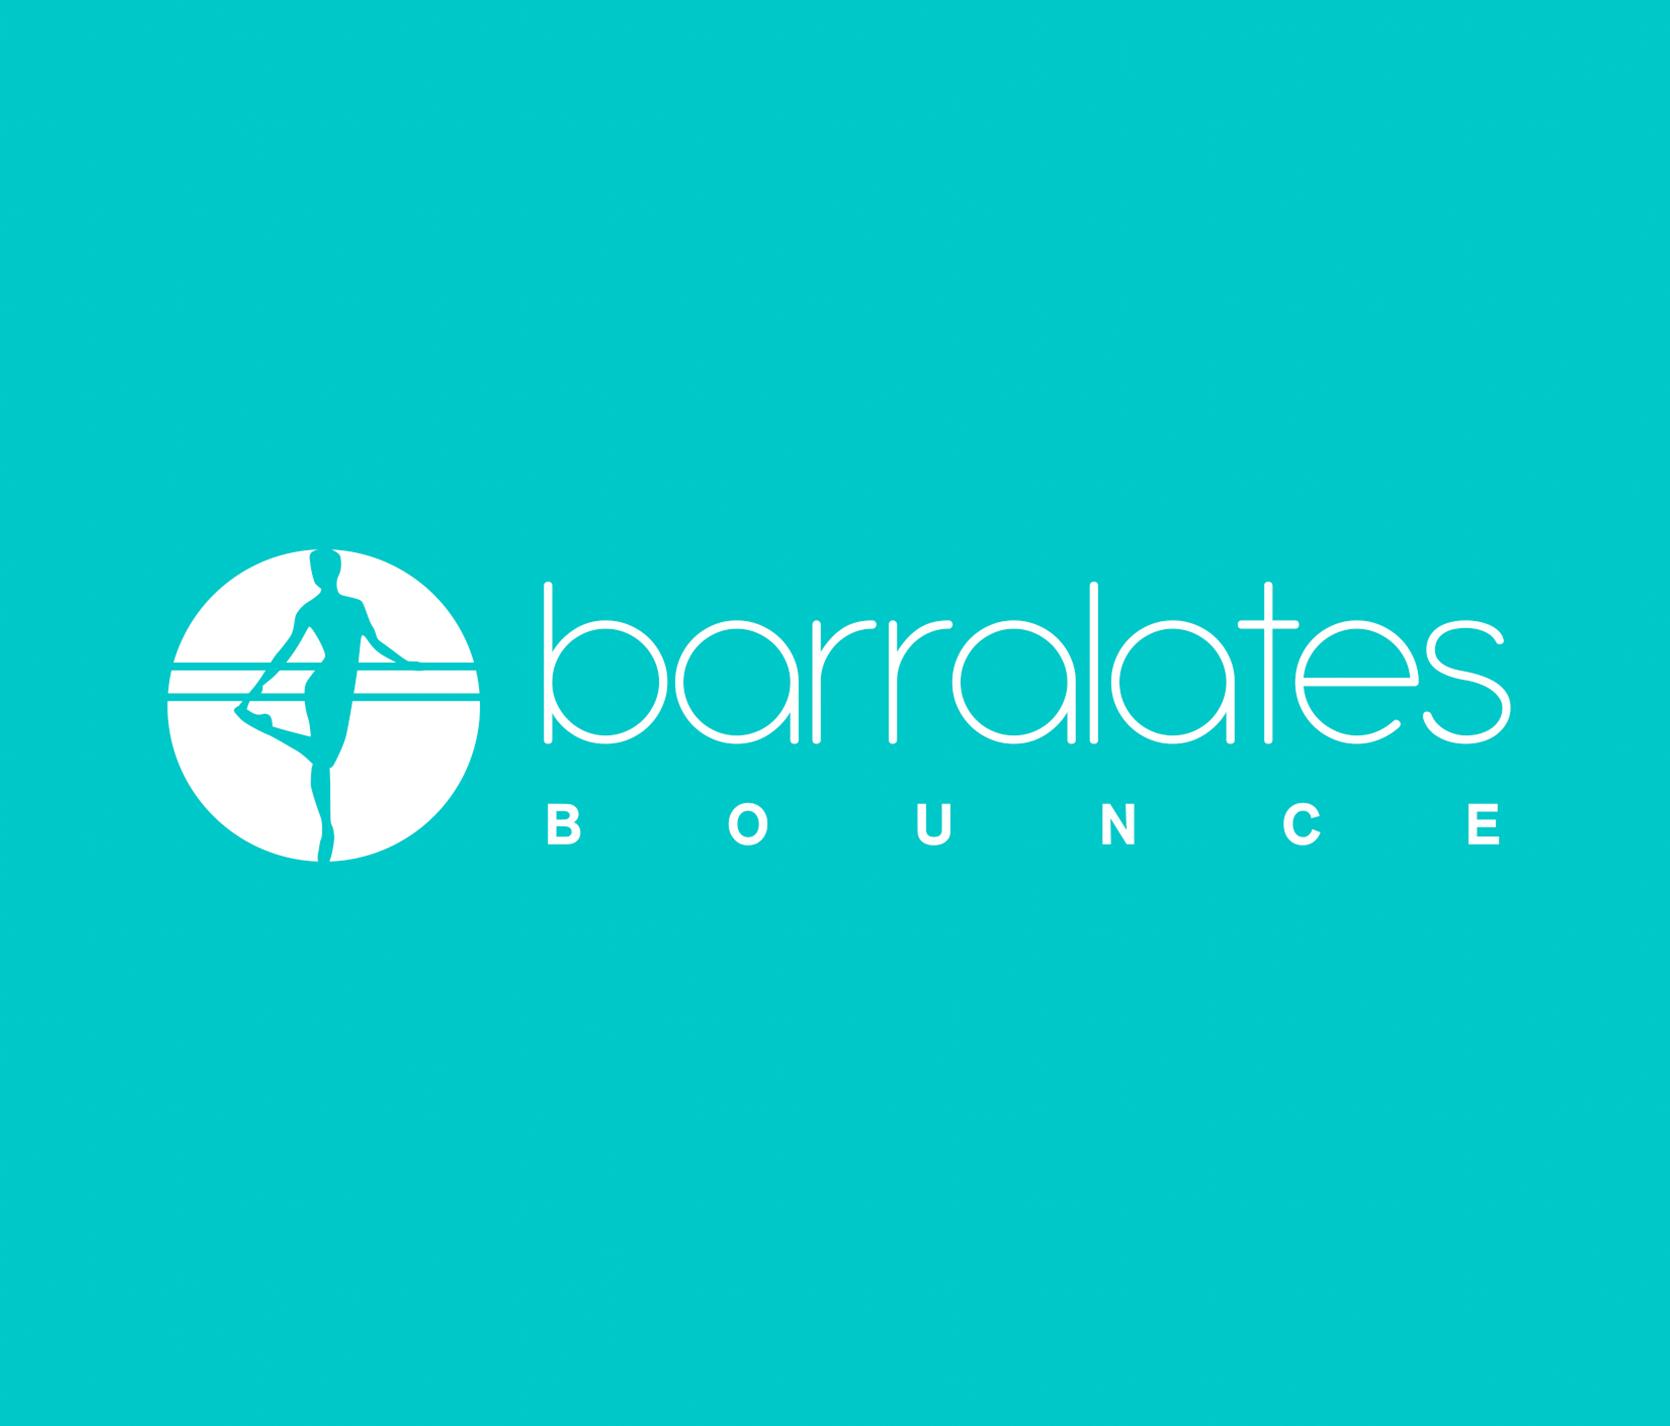 Submarcas Barralates-10 Bounce